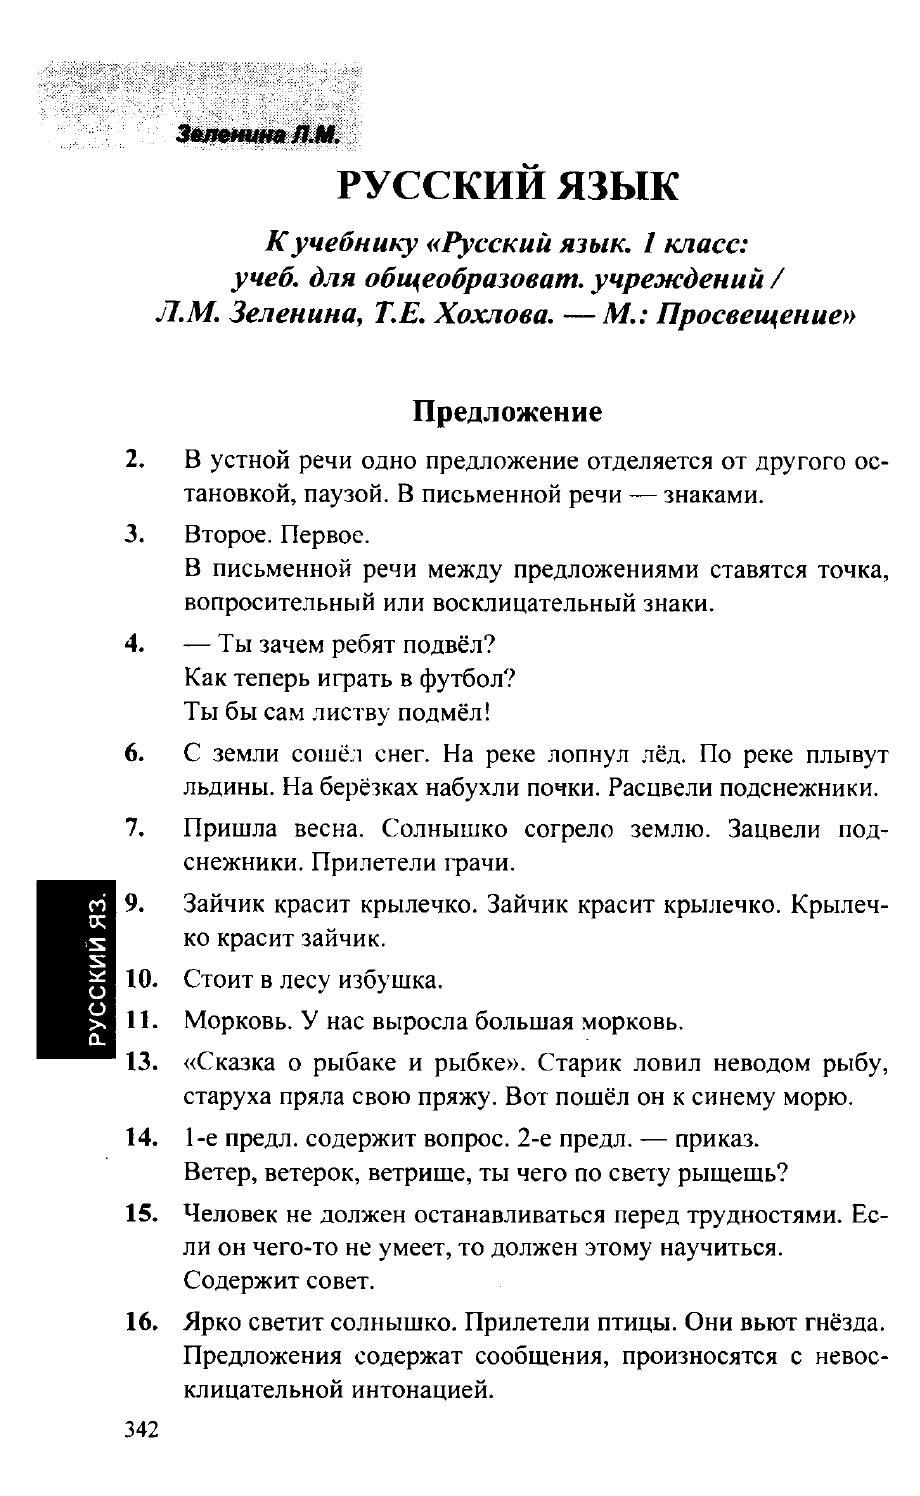 Решебник для 1-4 классов по русскому языку зеленина